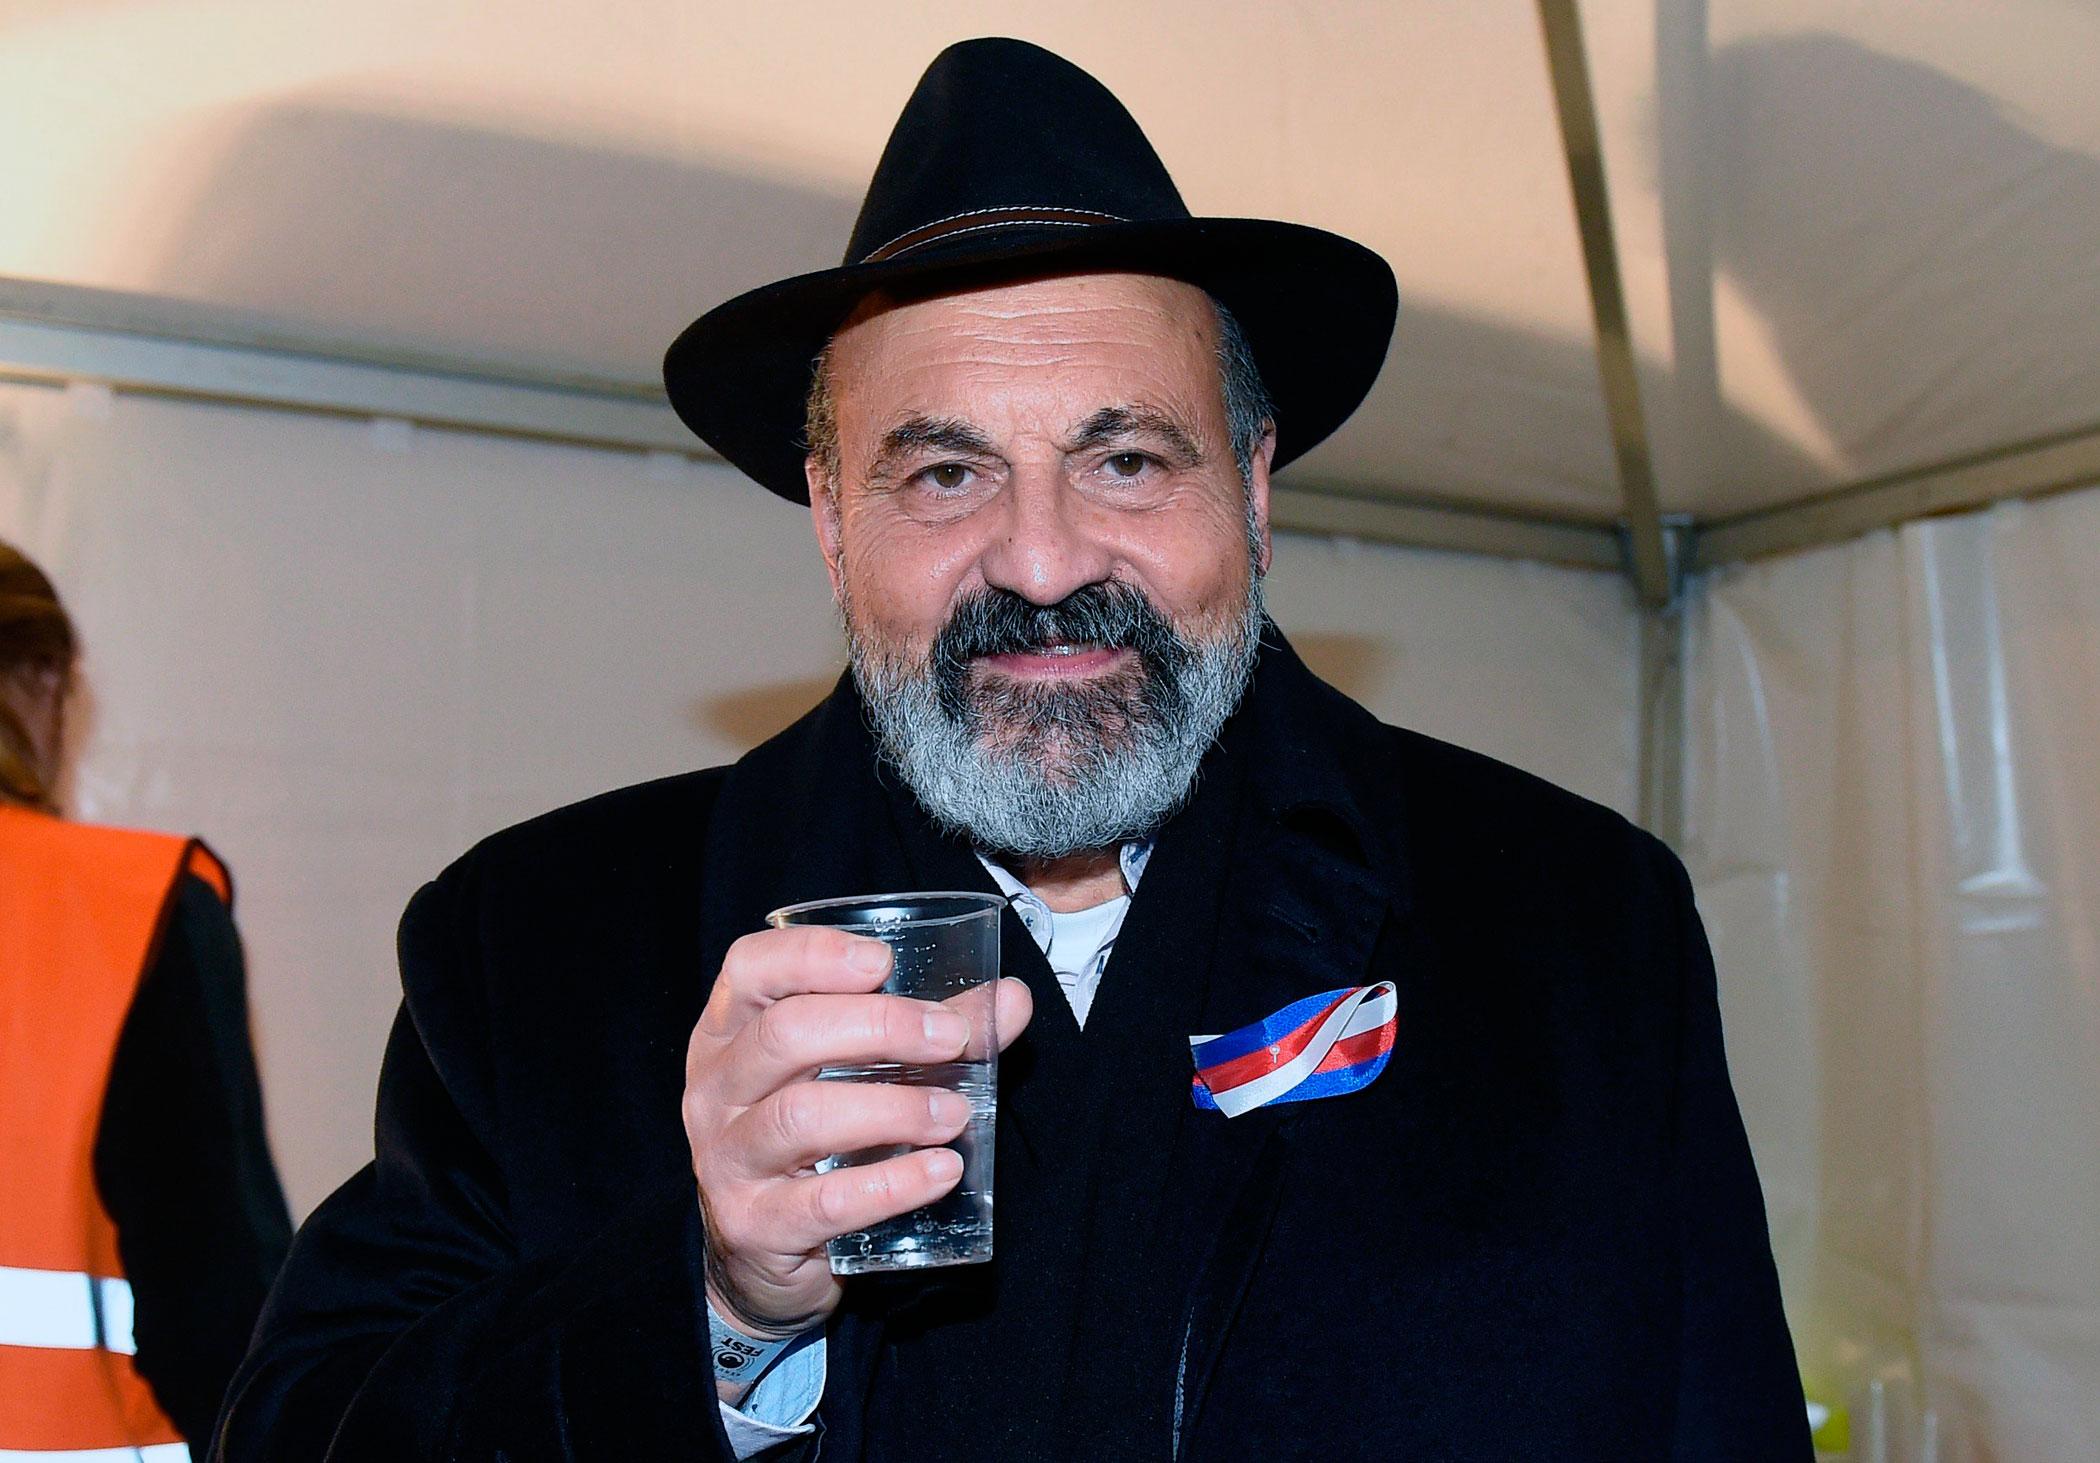 Tomáš Halík, (Václavské náměstí Koncert pro budoucnost festival SVOBODY)